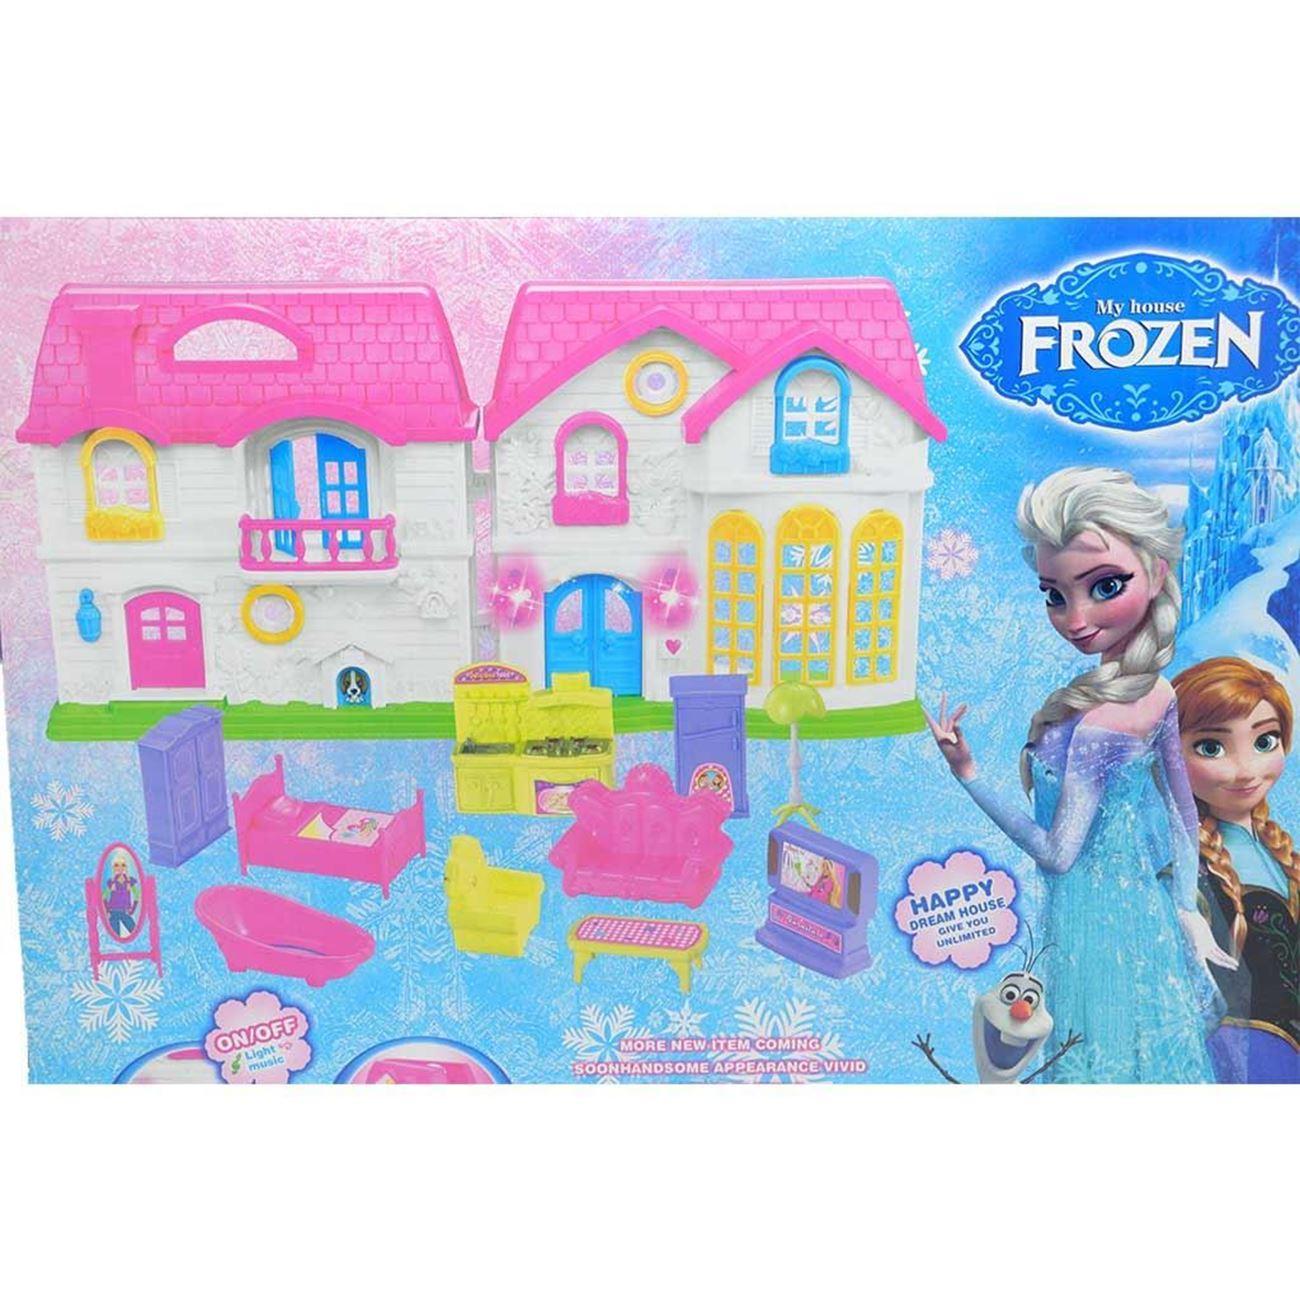 Frozen Dream House for Kids on